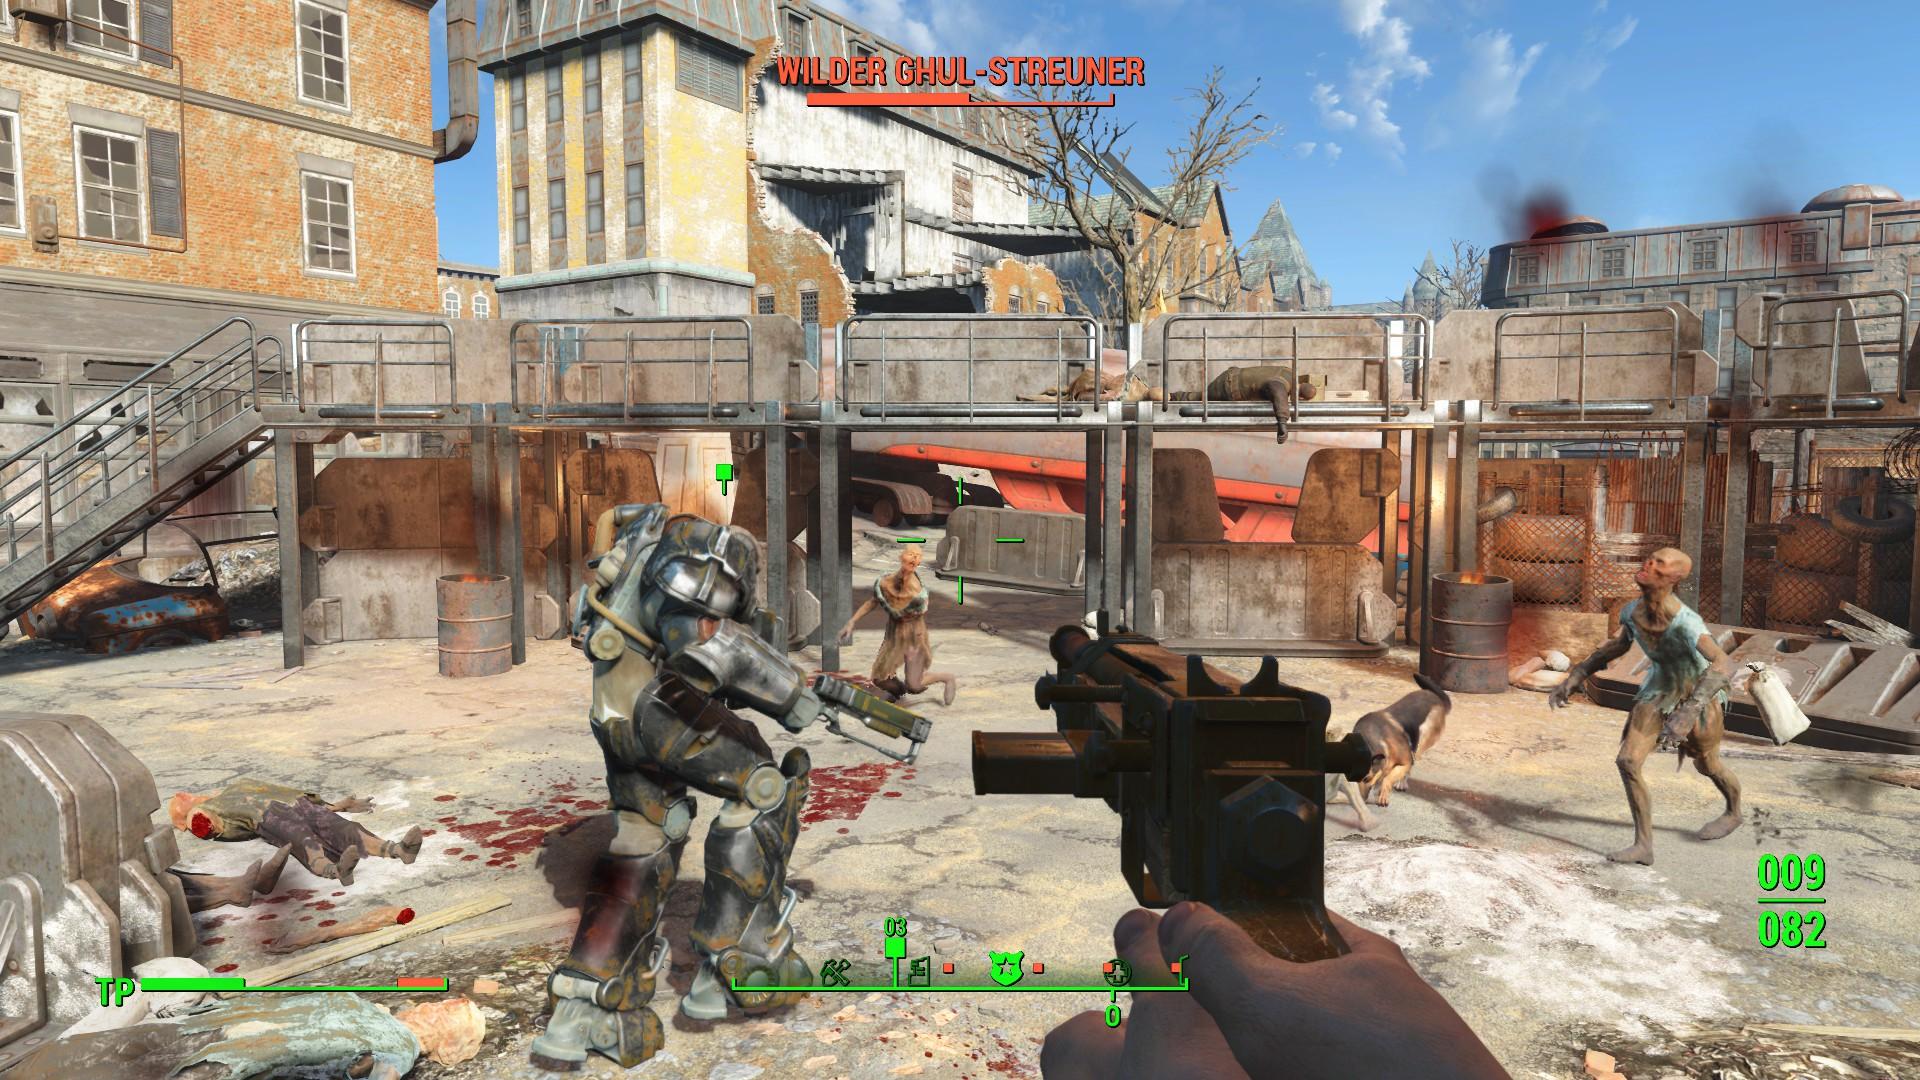 Fallout 4 - Kampf gegen die wilden Ghule